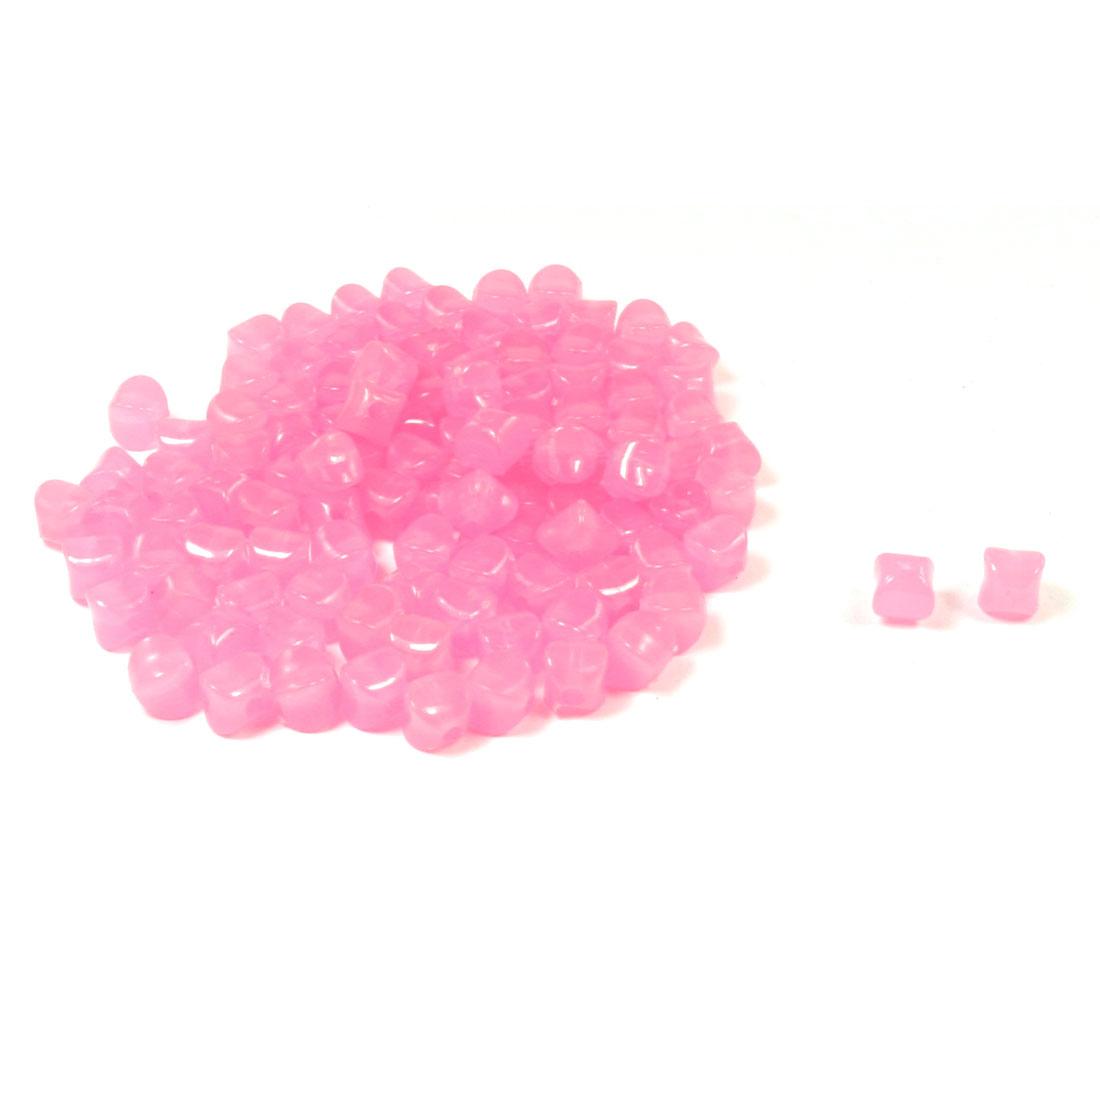 108 Pcs Necklace Bracelet Pink Plastic Star Shaped Jelly Beads